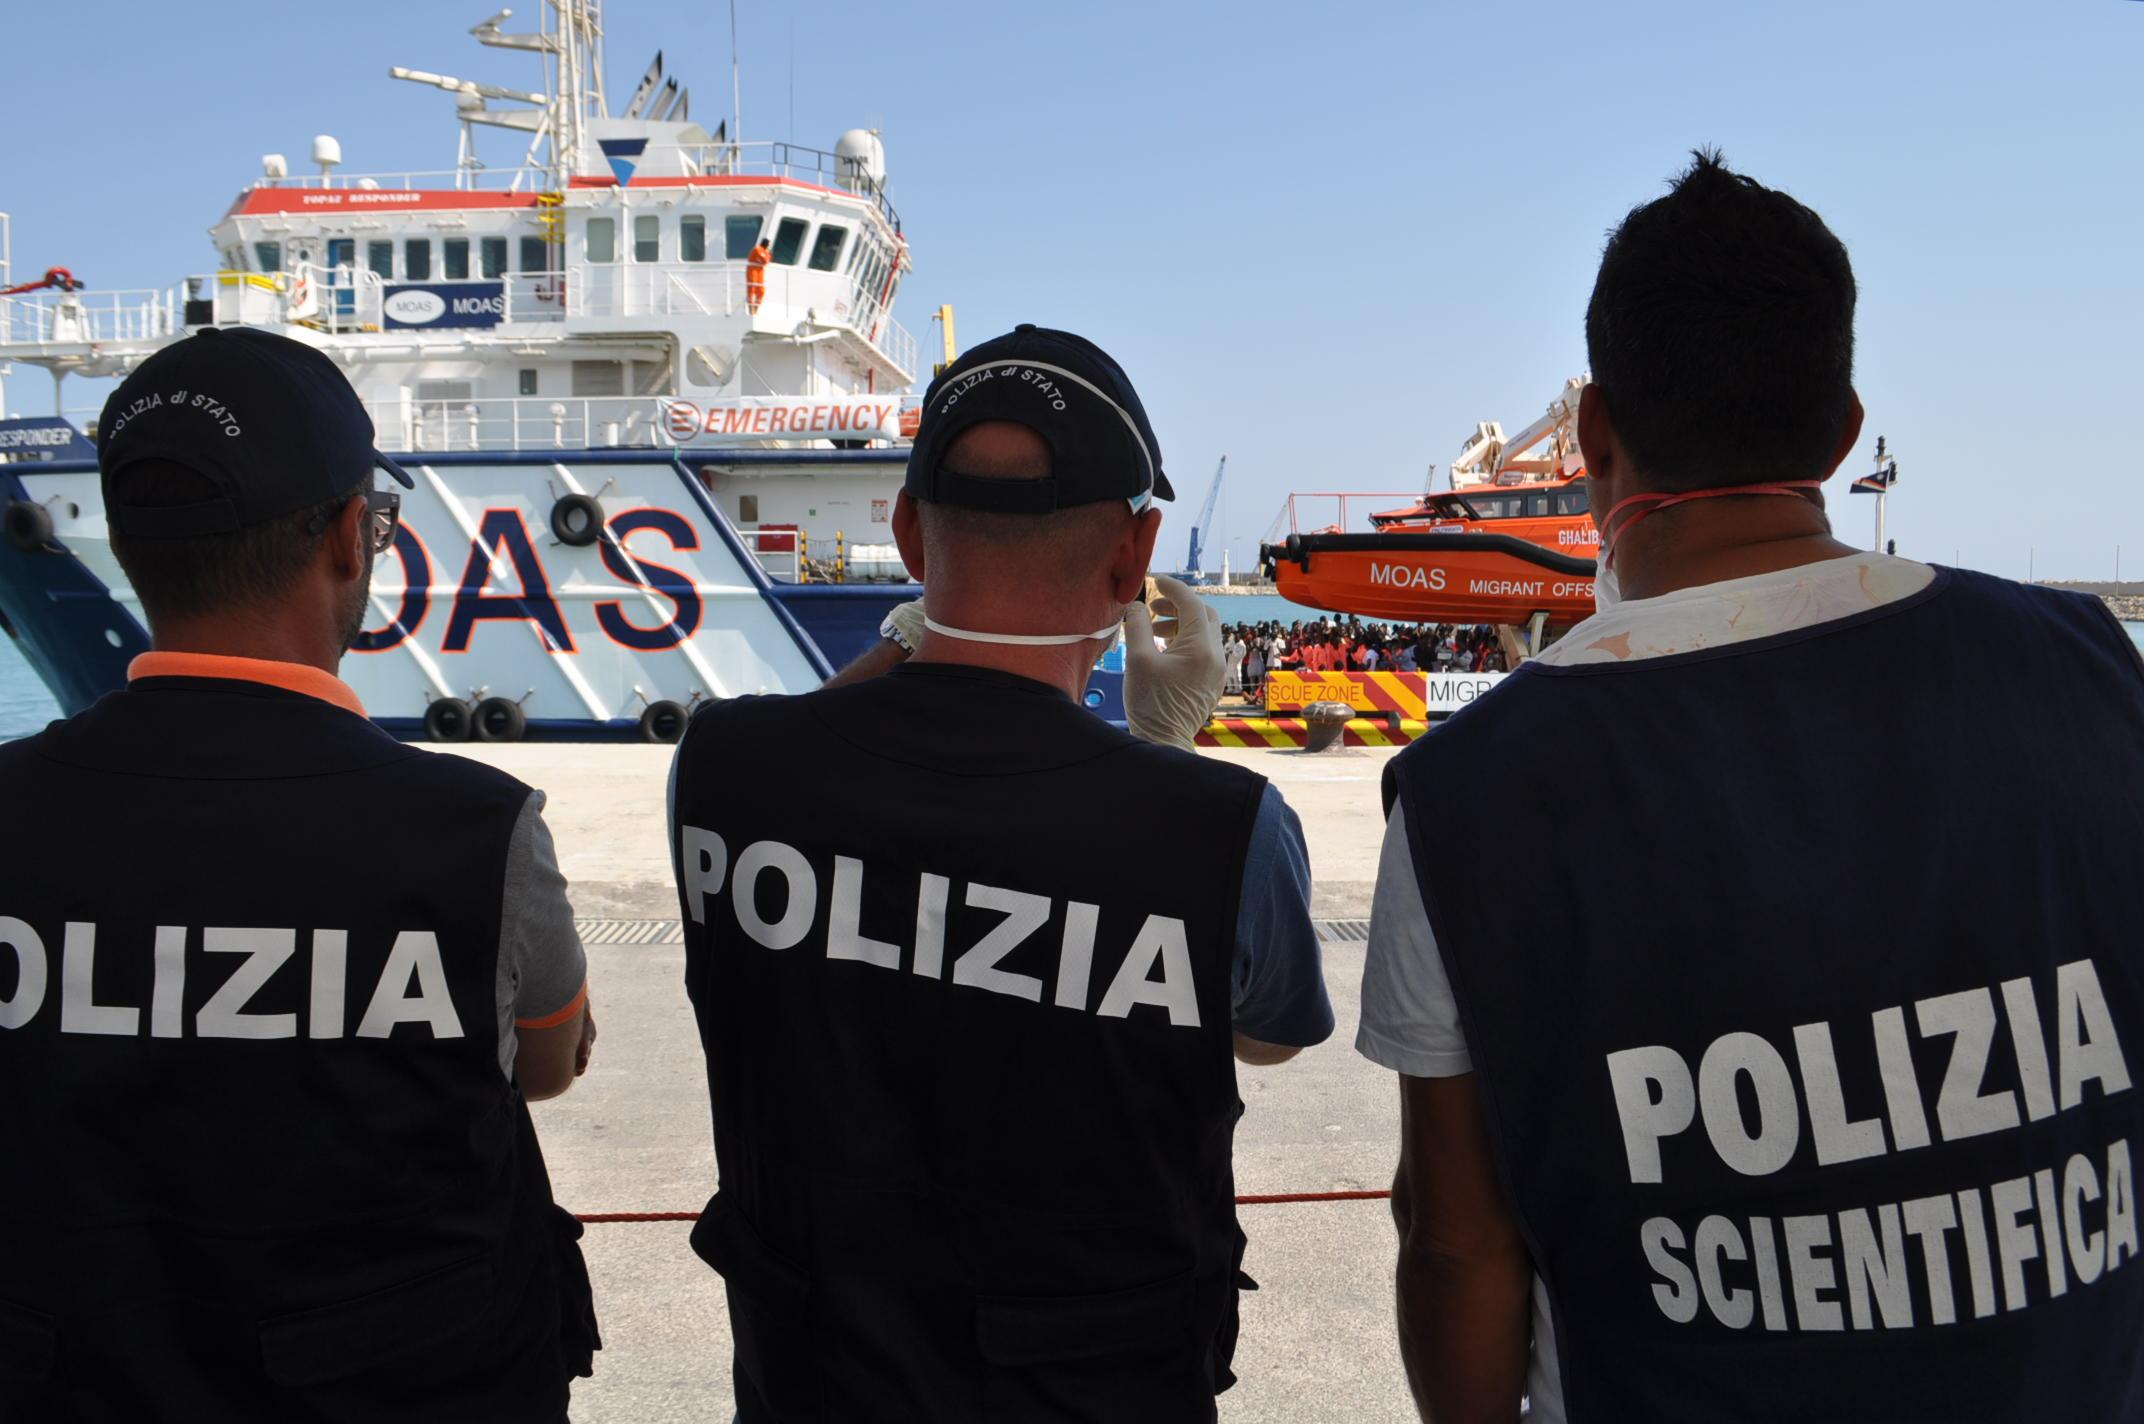 Trapani. Immigrazione clandestina: Incisiva azione di contrasto da parte della Polizia